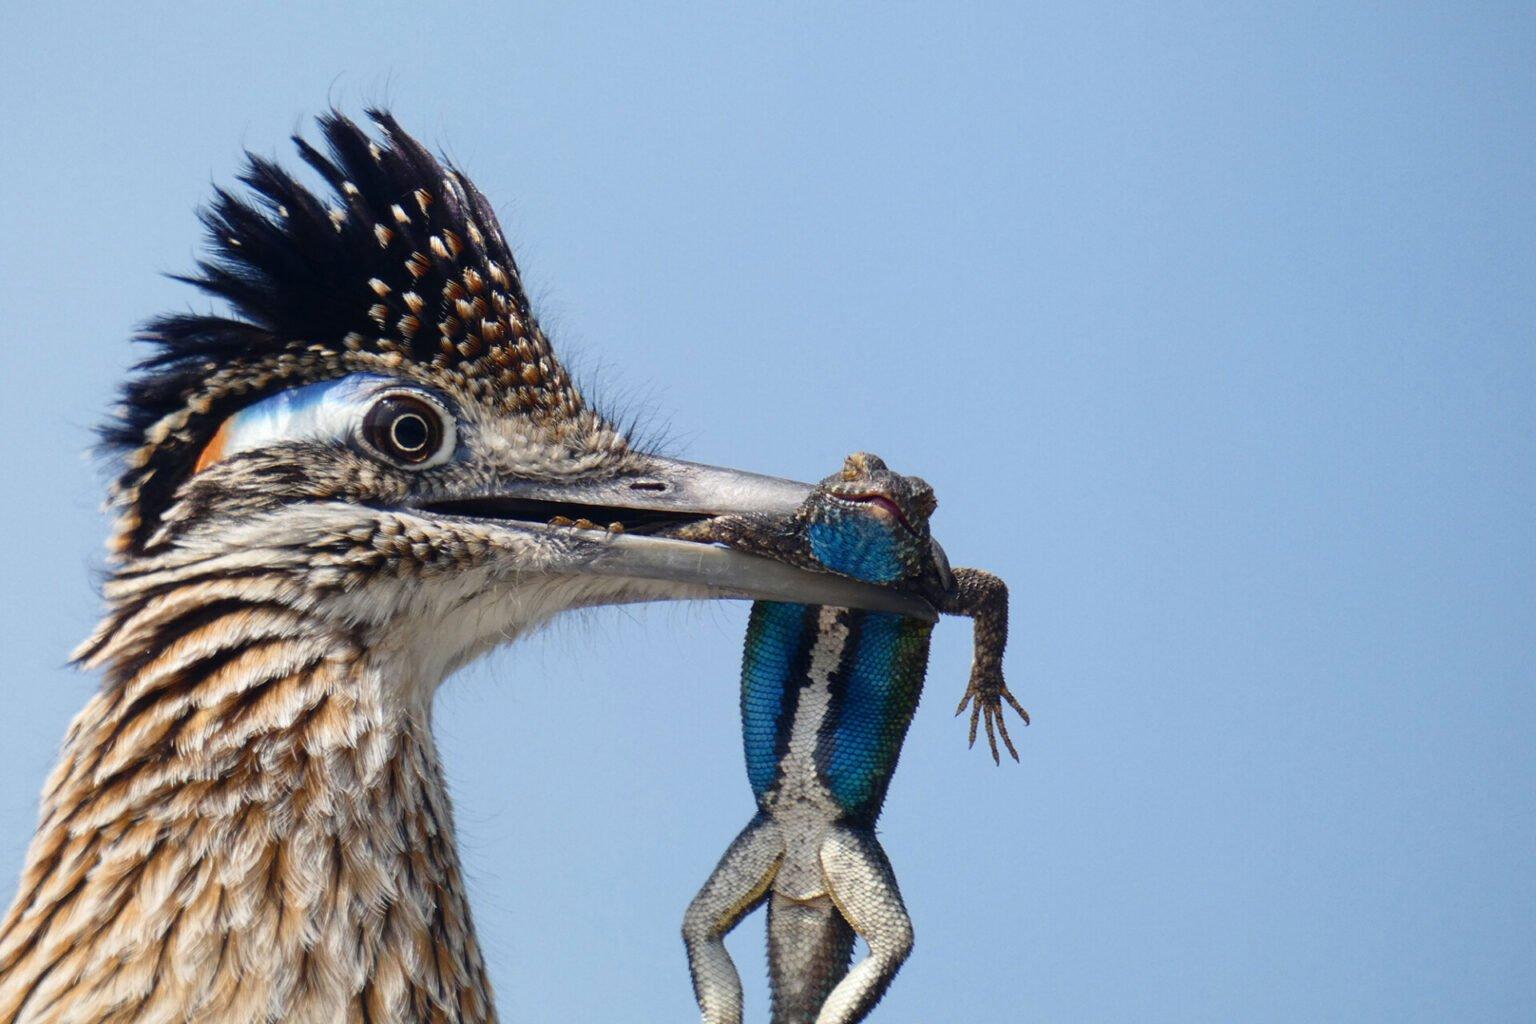 10 лучших фотографий птиц с конкурса Audubon Photography Awards 2020